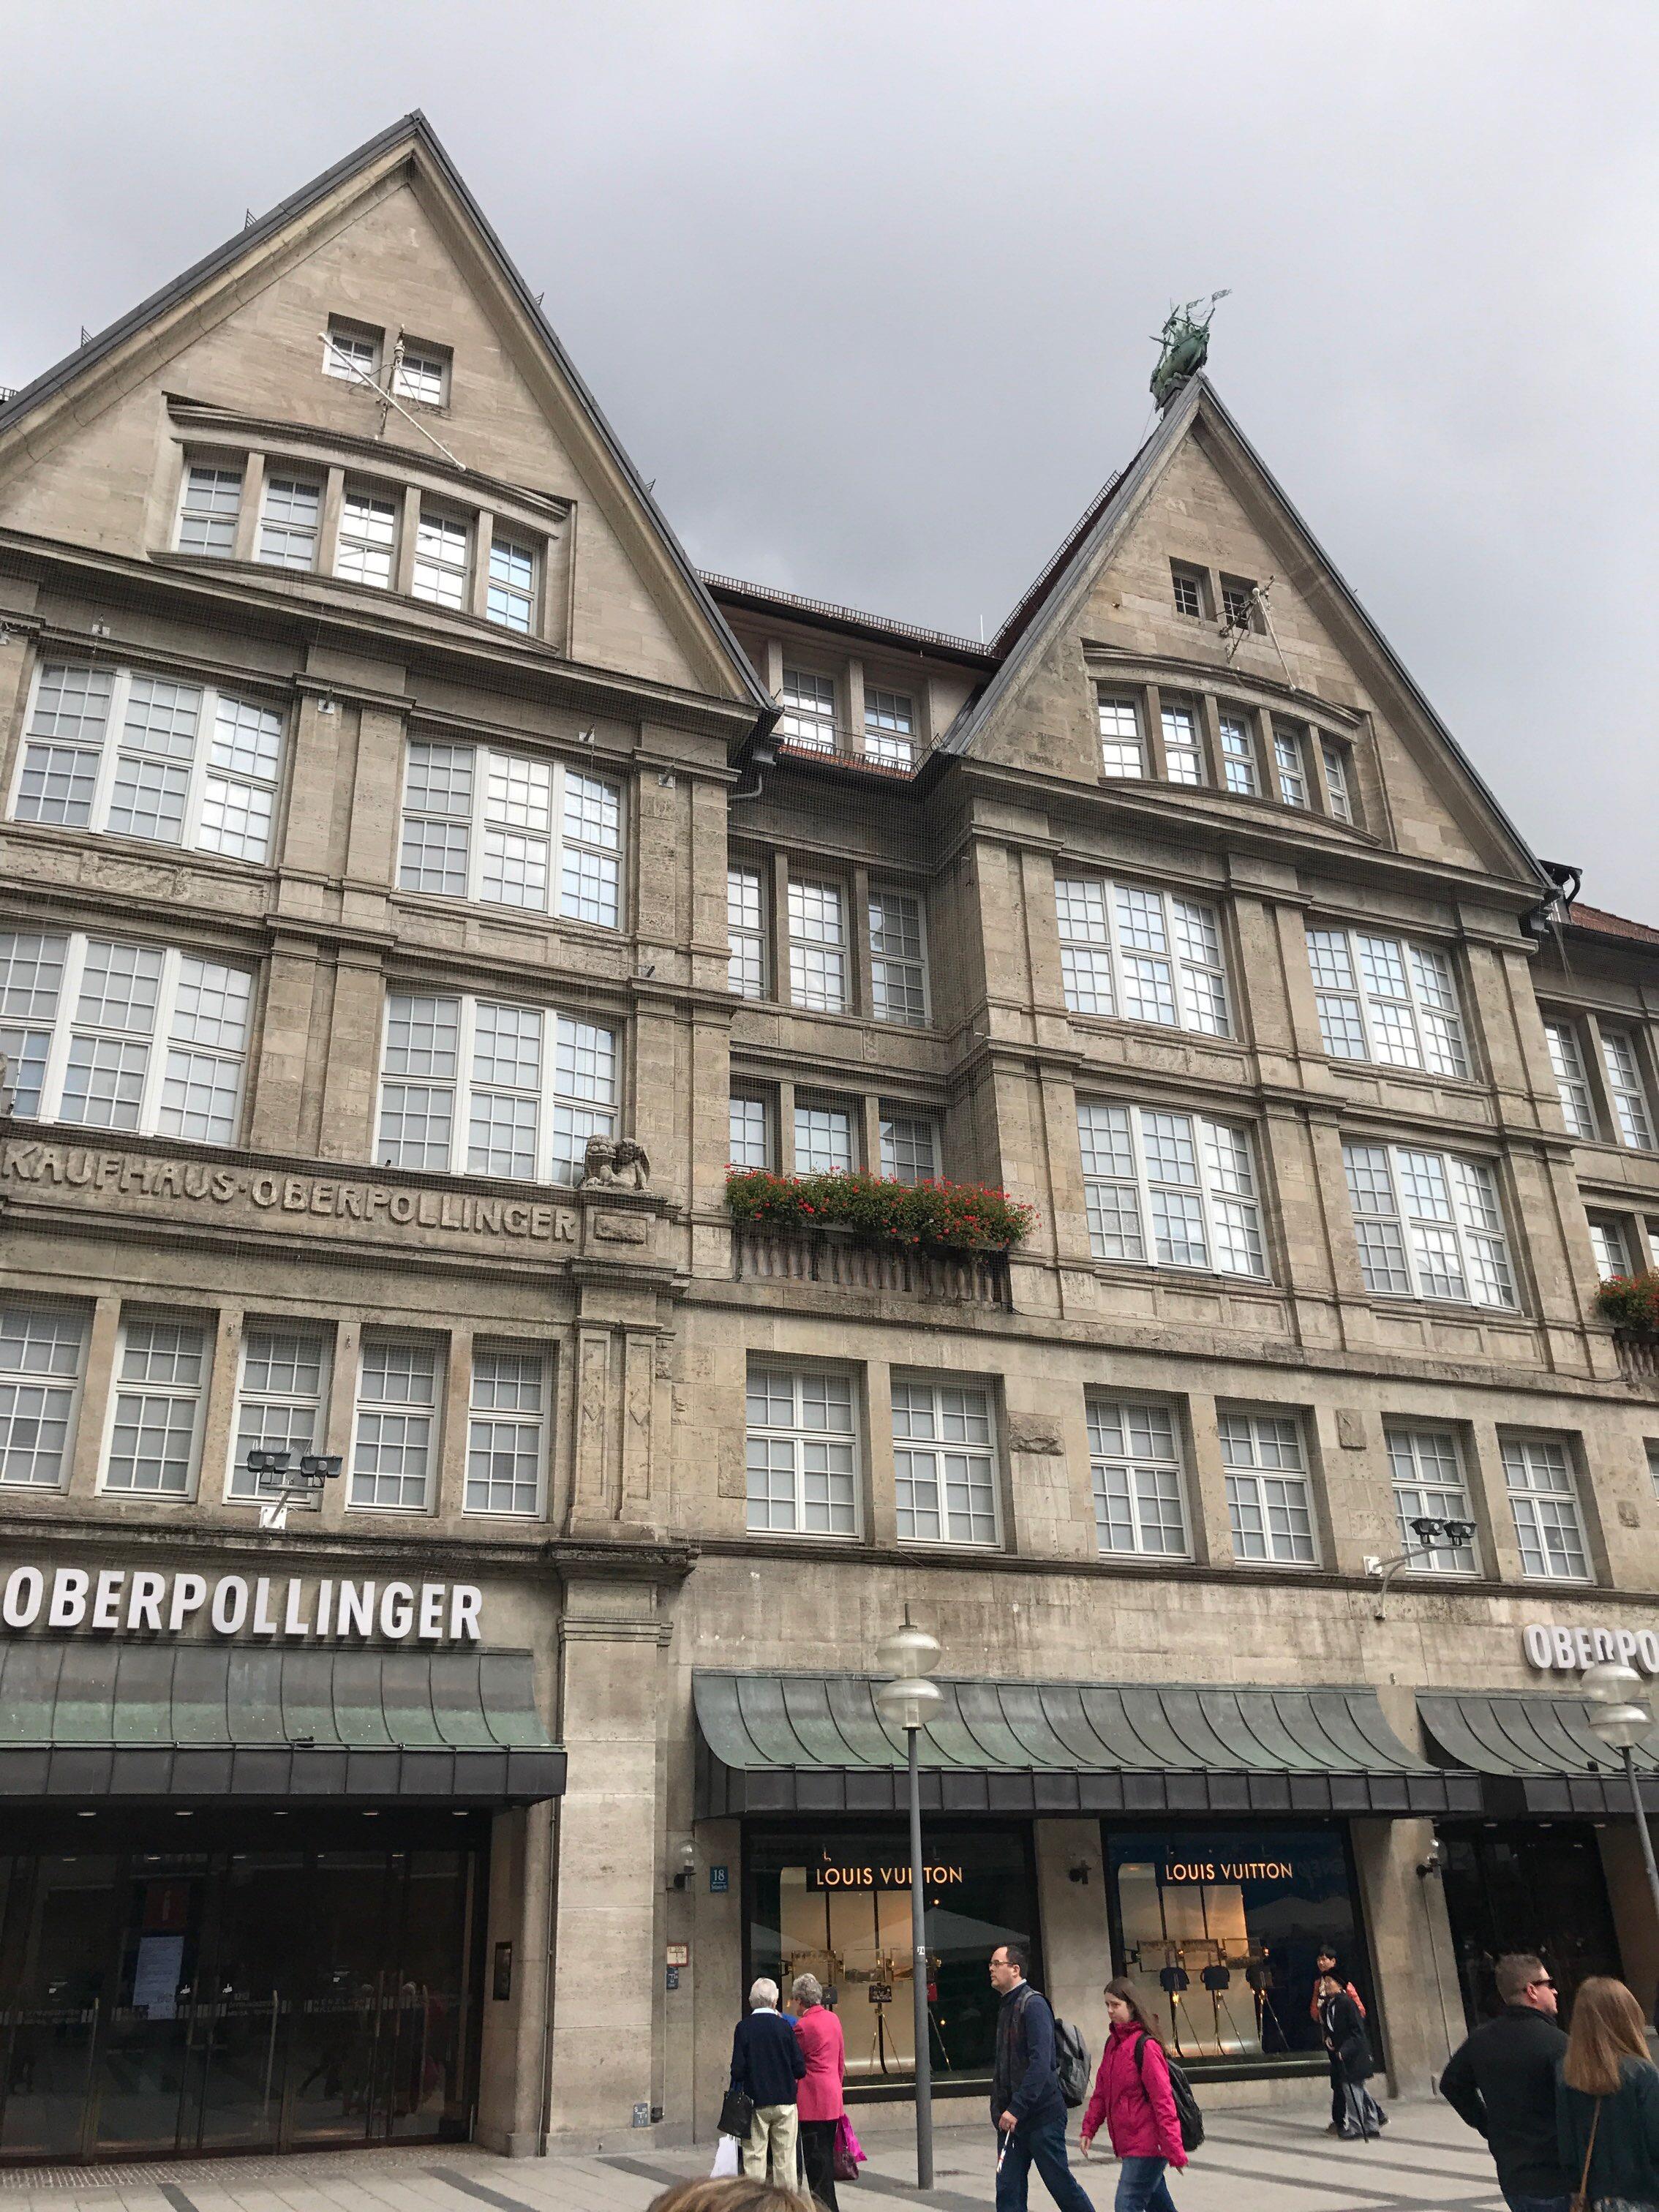 Essanelle Ihr Friseur Karstadt Oberpollinger 80331 München